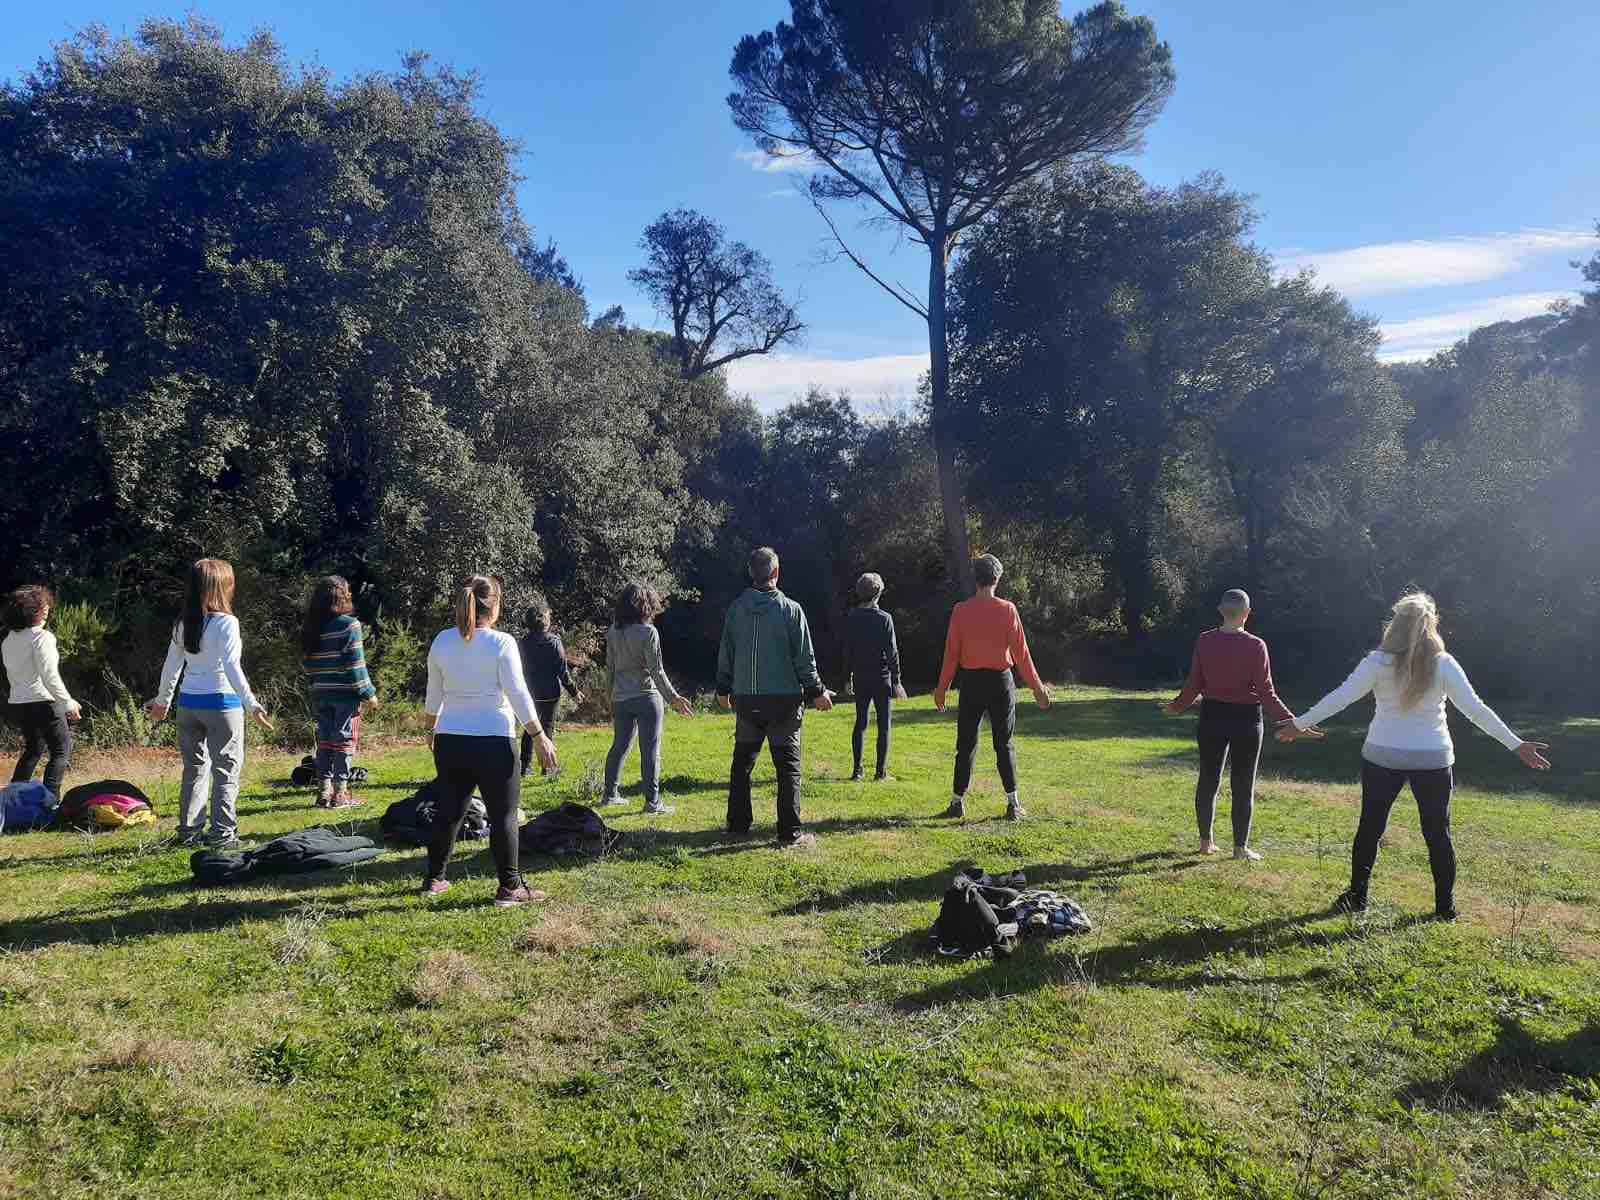 Participantes del retiro haciendo prácticas al aire libre